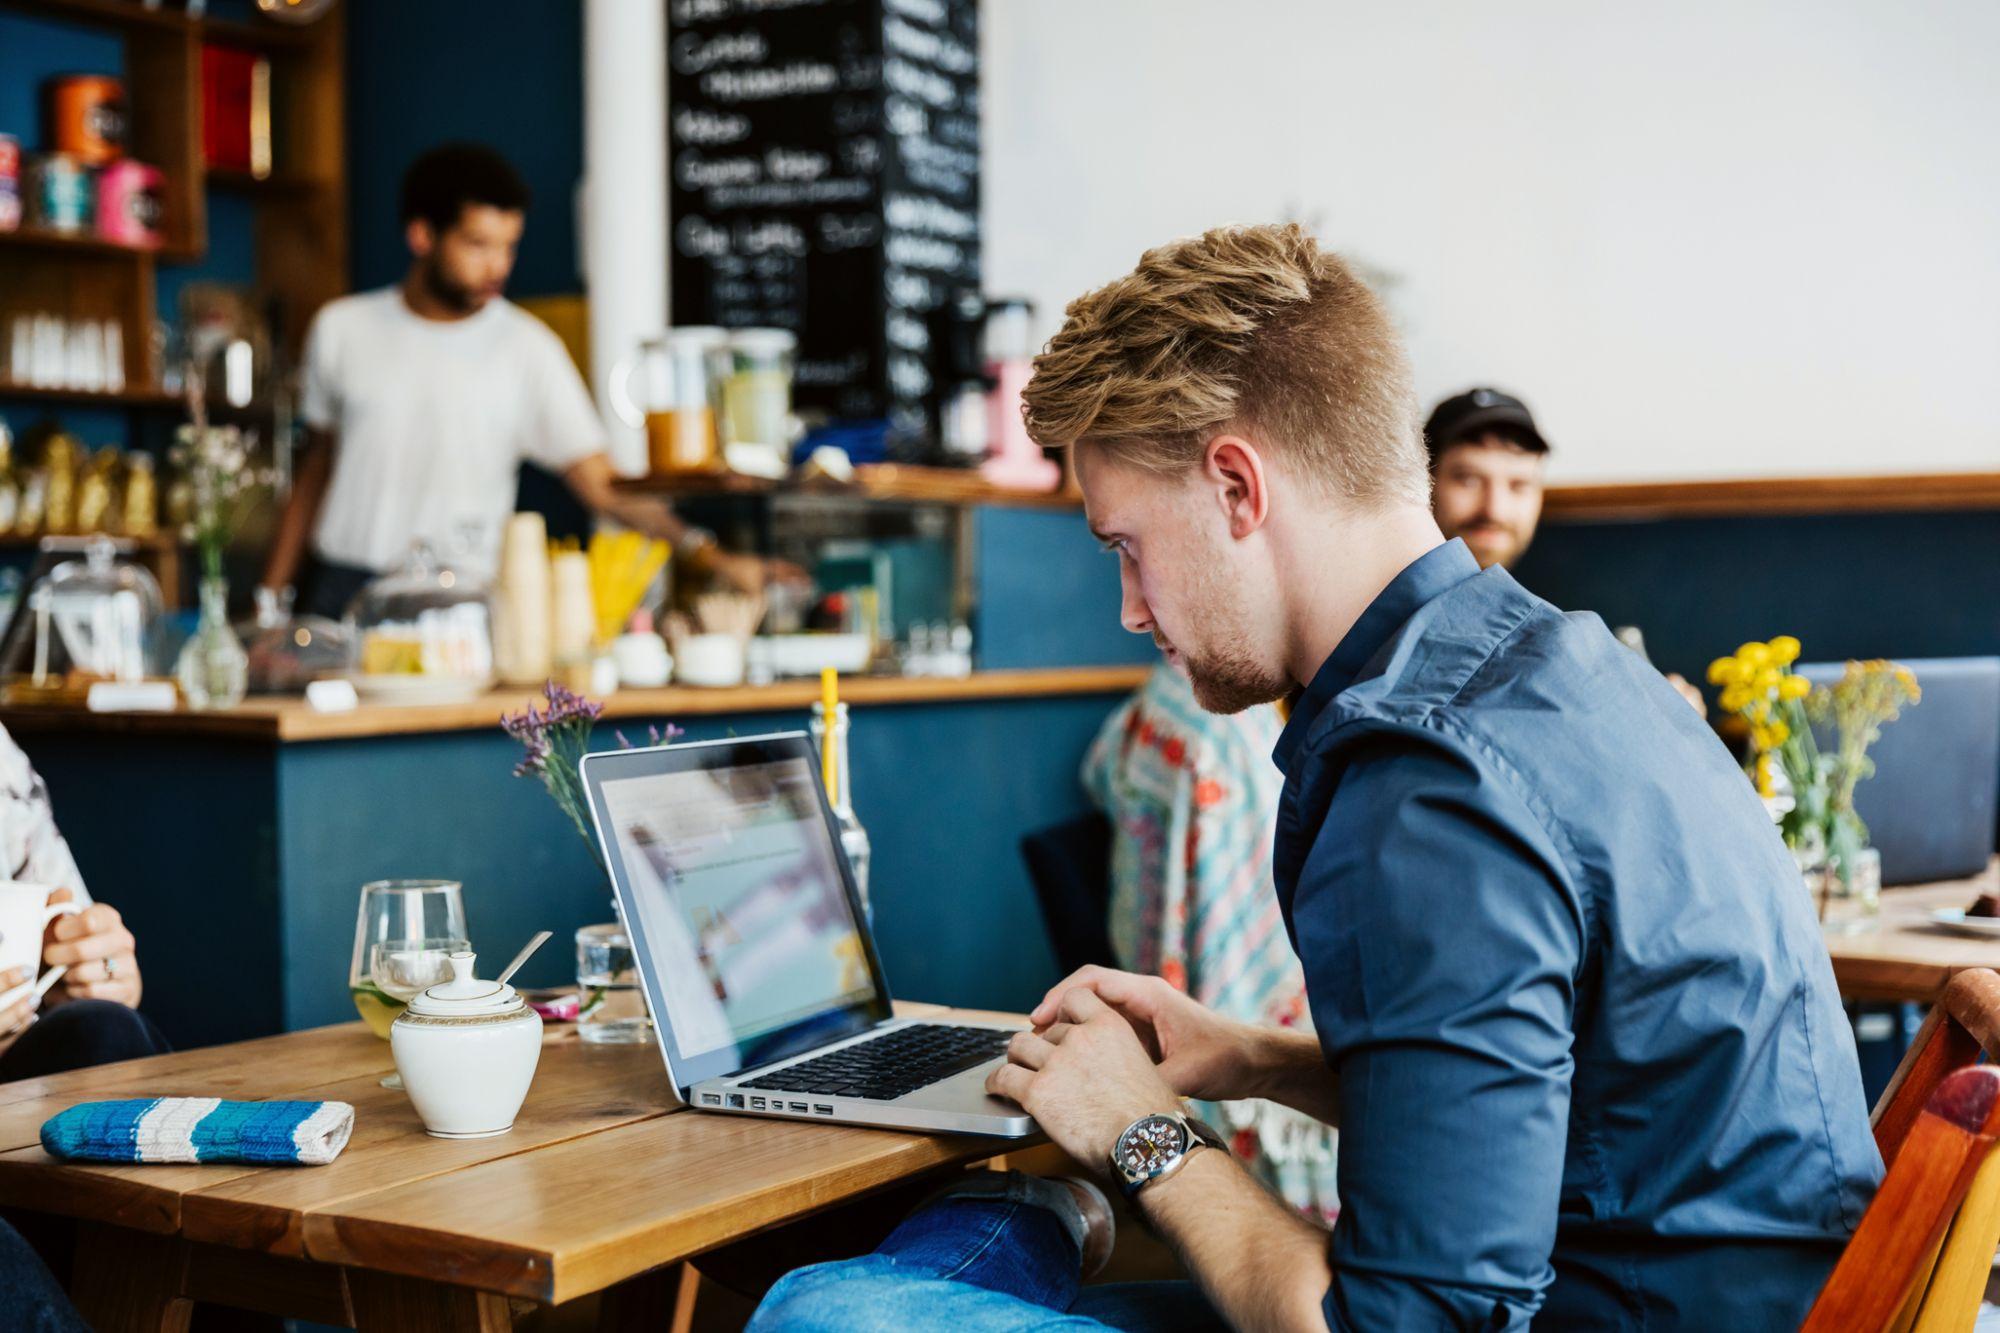 entrepreneur.com - Albizu Garcia - How to Transition Your Team to Remote Work